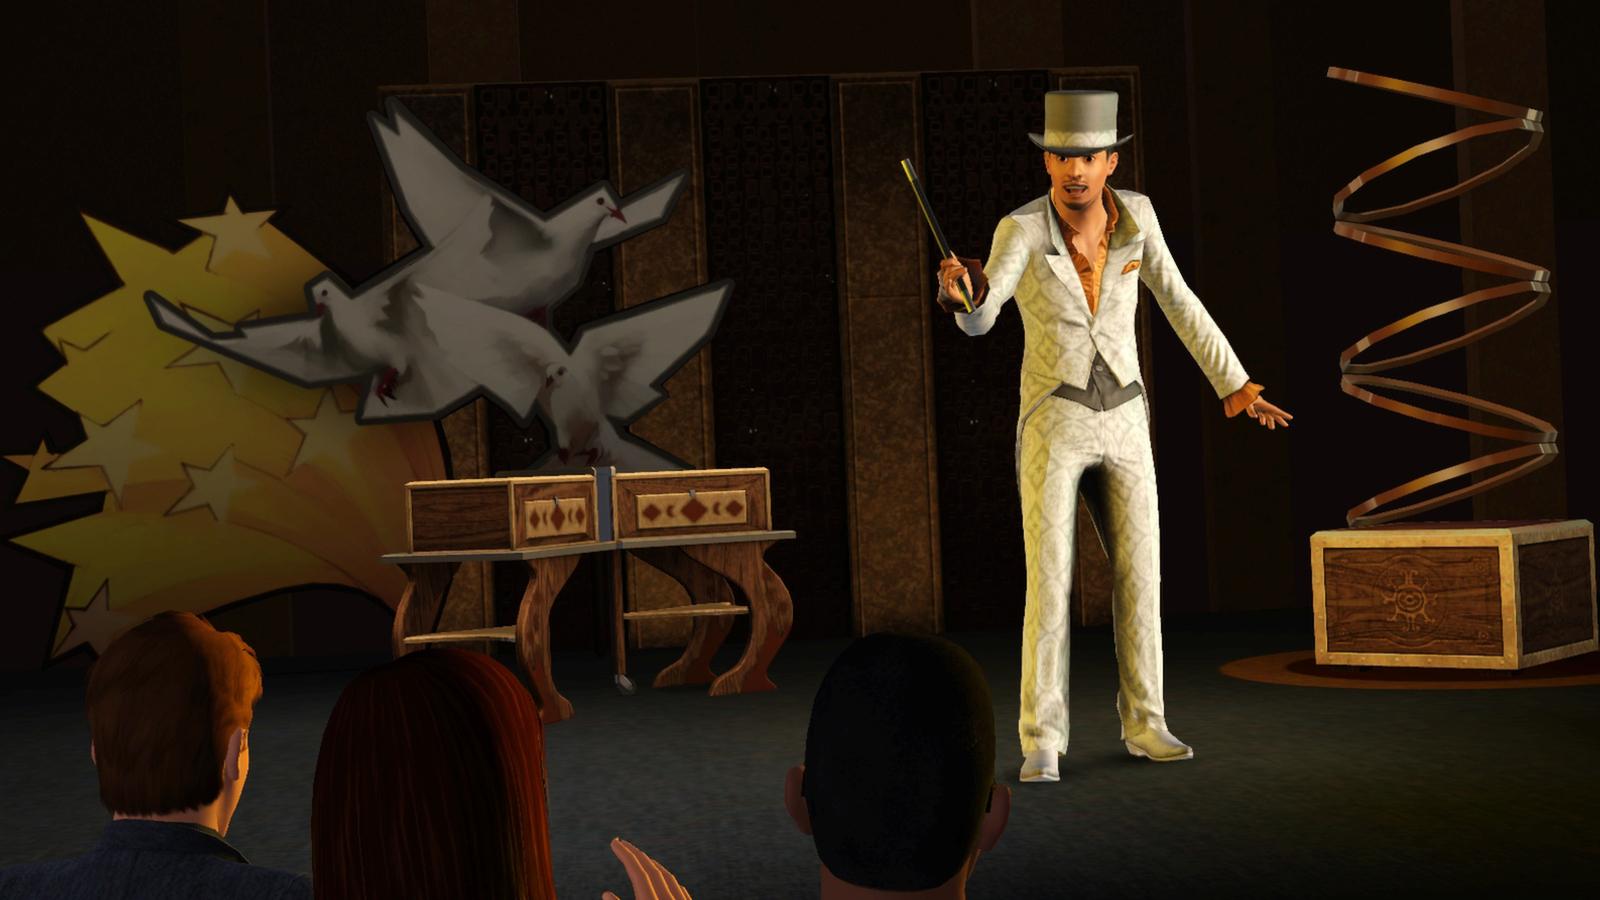 The Sims™ 3 Showtime Fiyat Karşılaştırma